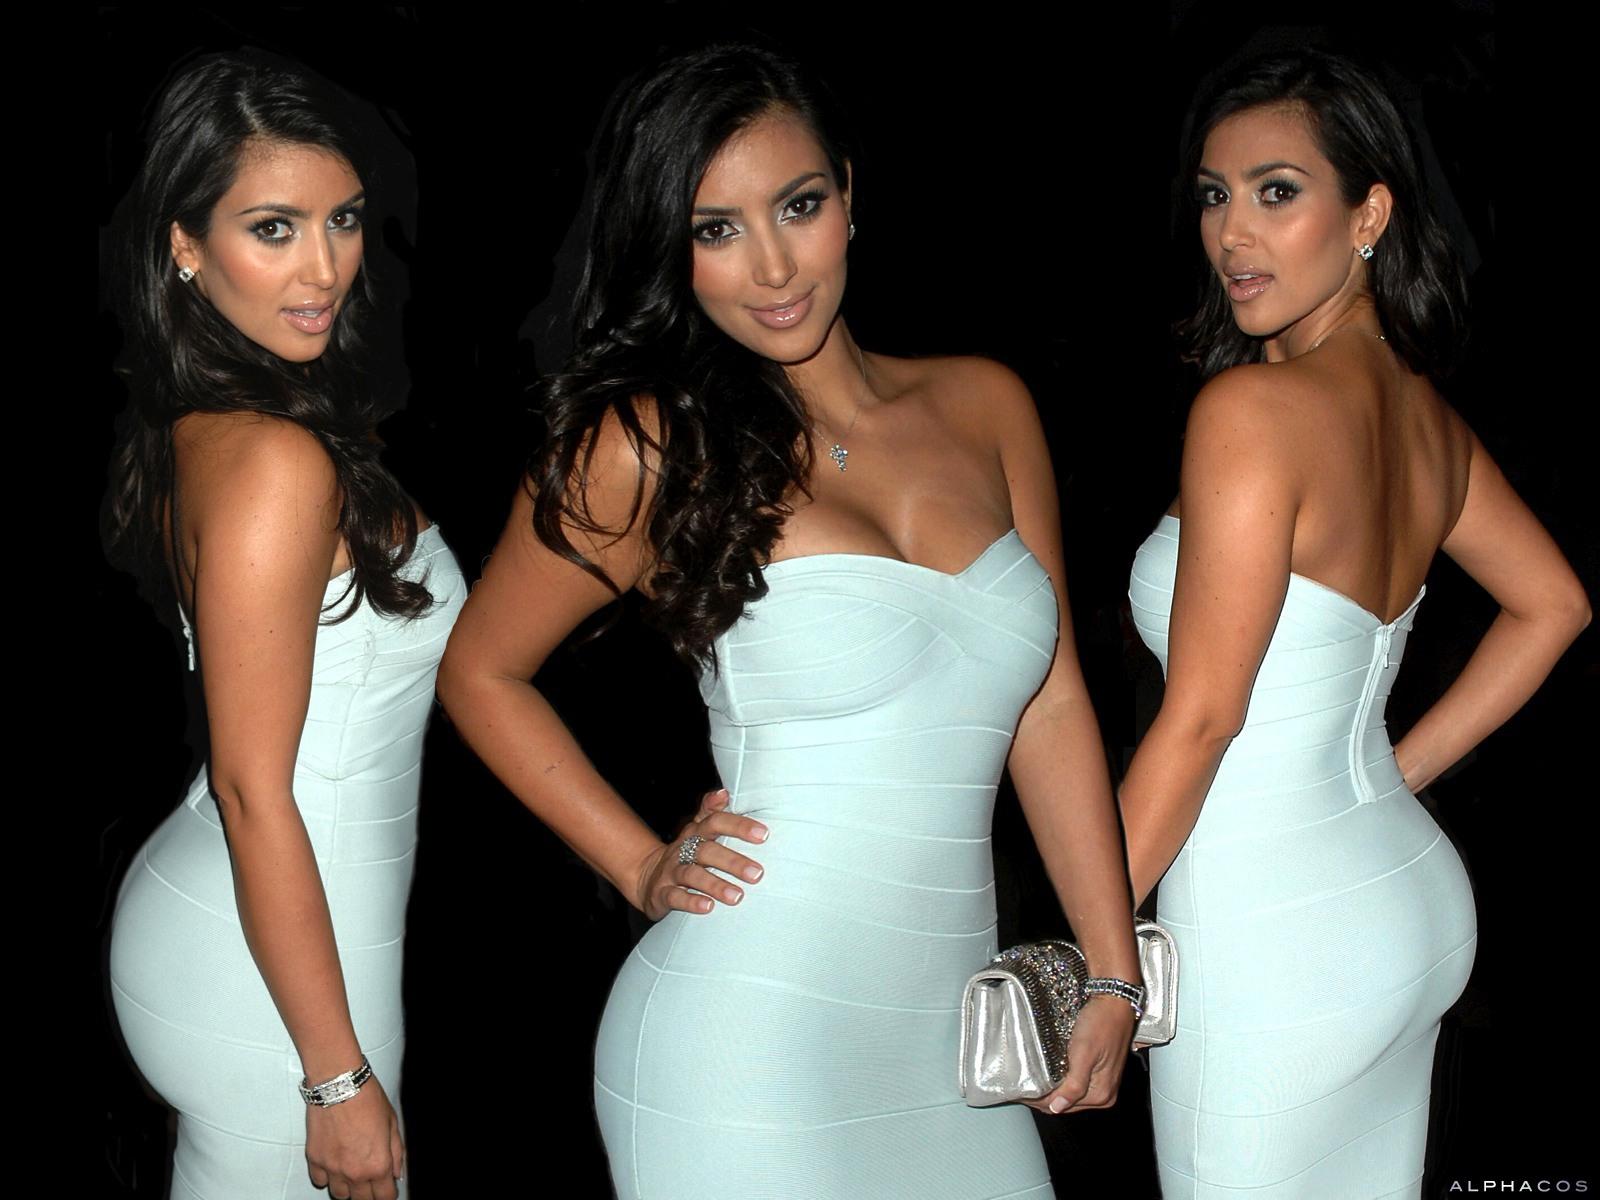 http://4.bp.blogspot.com/-V6fUeTI2sKI/TZKO4j5BLZI/AAAAAAAAK10/I8mv6j2Hbnc/s1600/kim-kardashian1.jpg